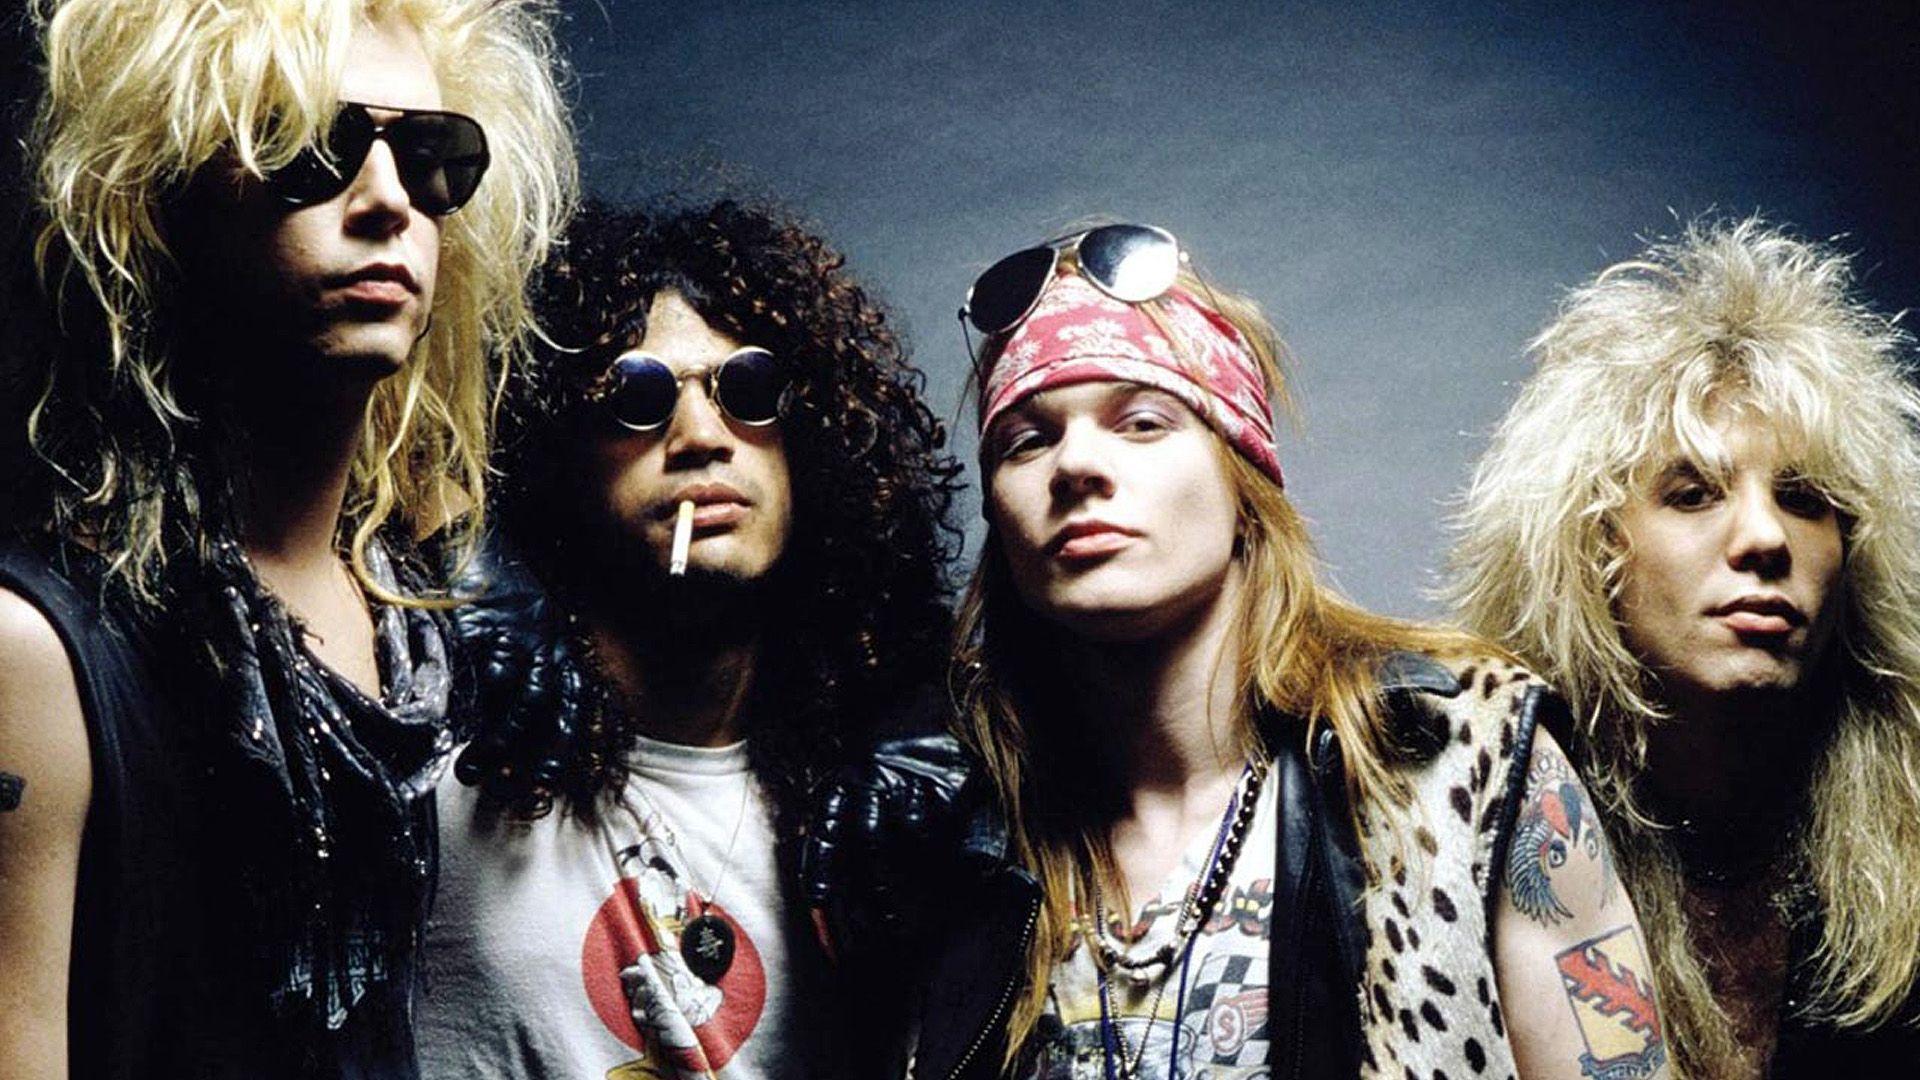 Confirmado: vuelven los Guns n Roses con su formación clásica